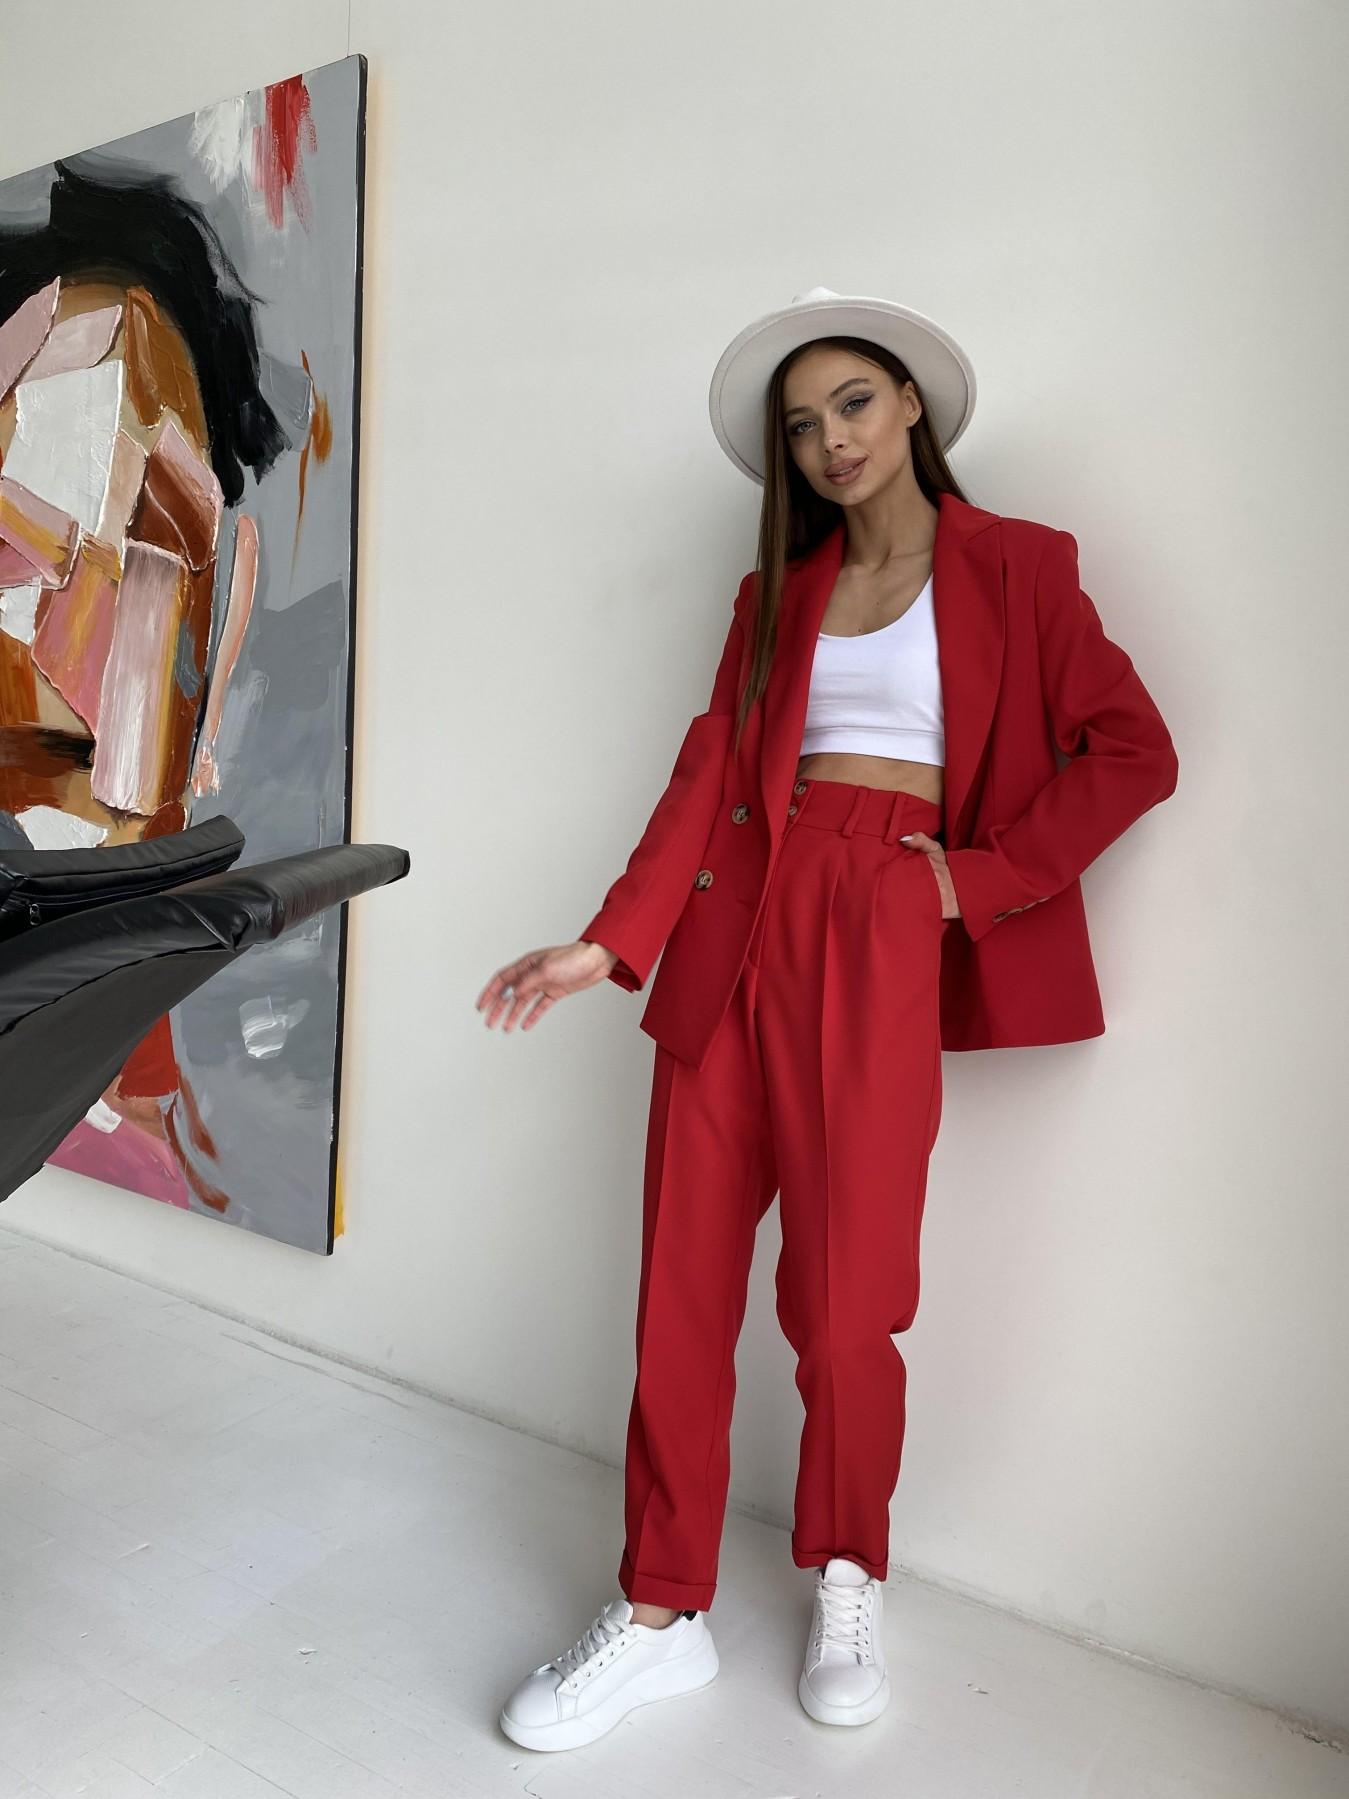 Франко костюм из костюмной ткани 11090 АРТ. 47798 Цвет: Красный - фото 7, интернет магазин tm-modus.ru